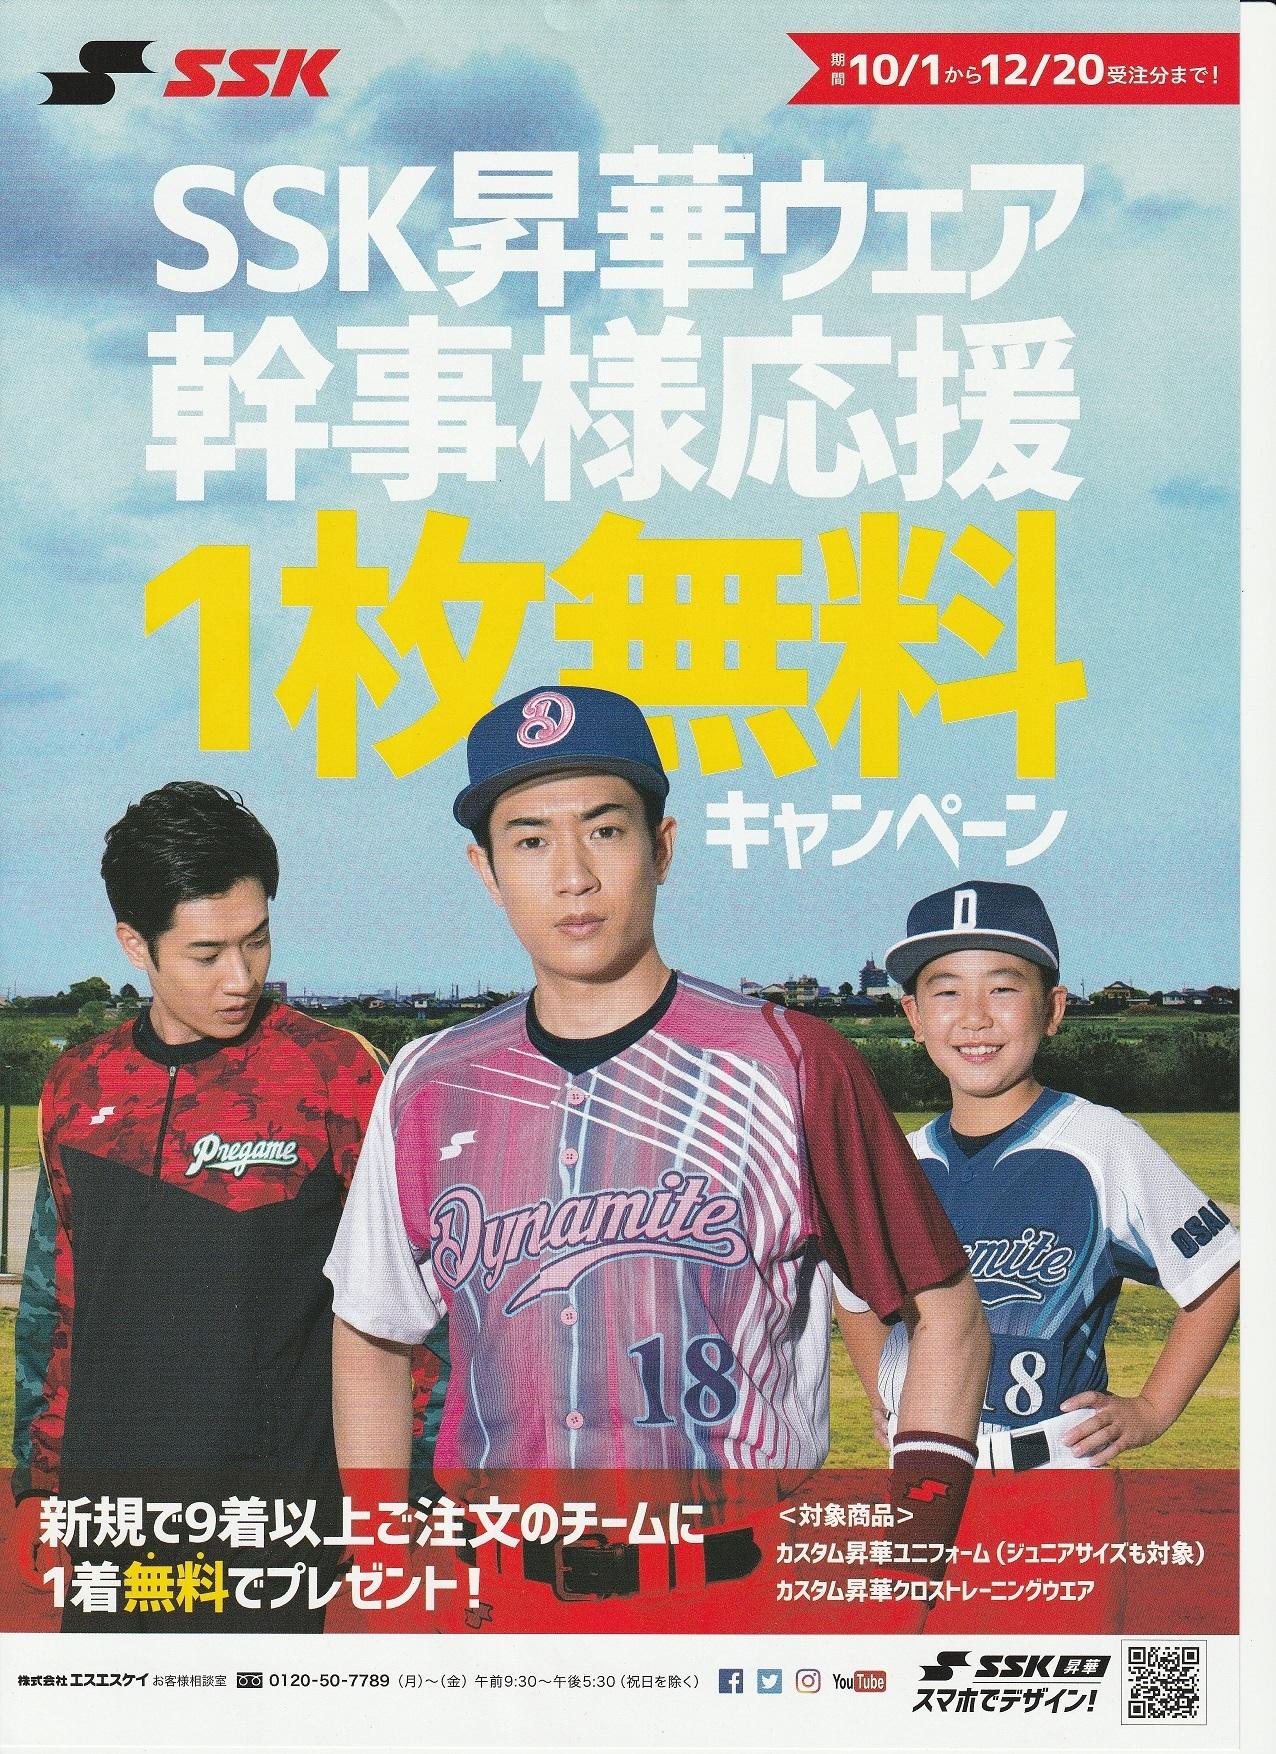 SSK昇華キャンペーン